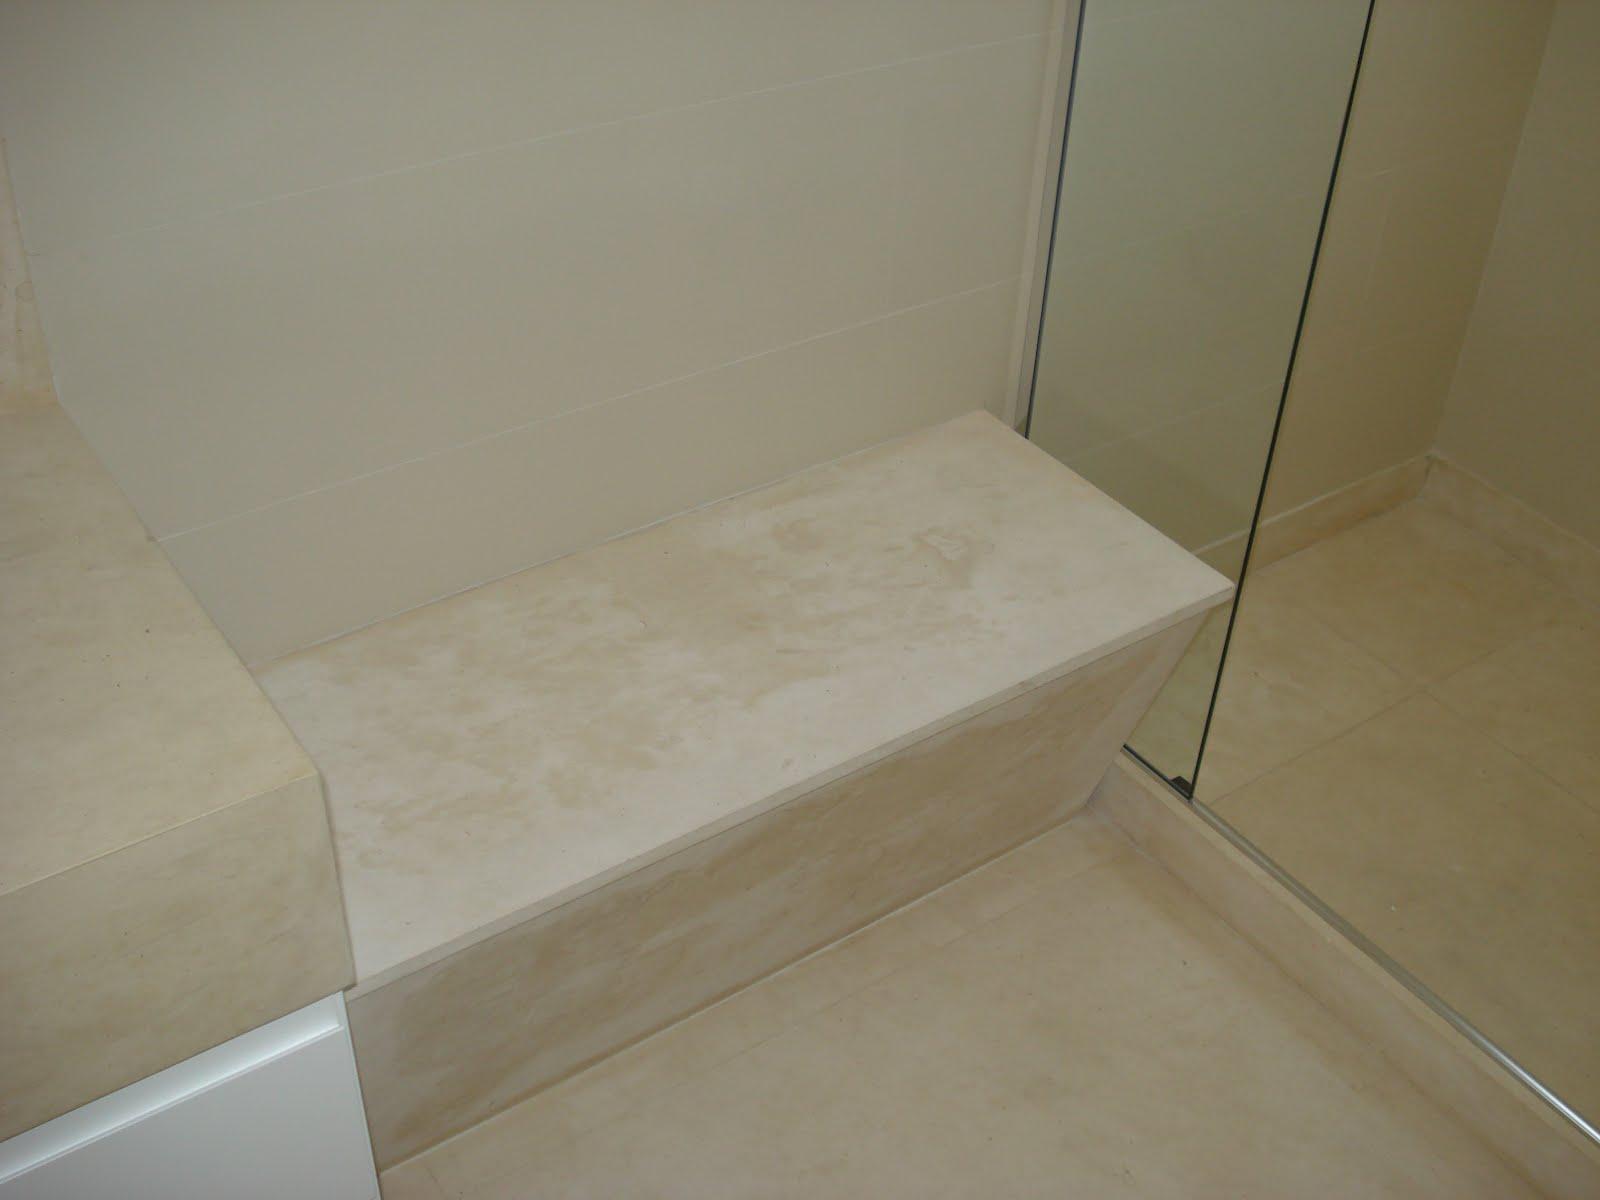 PISO LAVATORIO NIXOS DO BOX BANHEIROS MARMORE TRAVERTINO BRUTO  #746849 1600x1200 Banheiro Com Box De Marmore